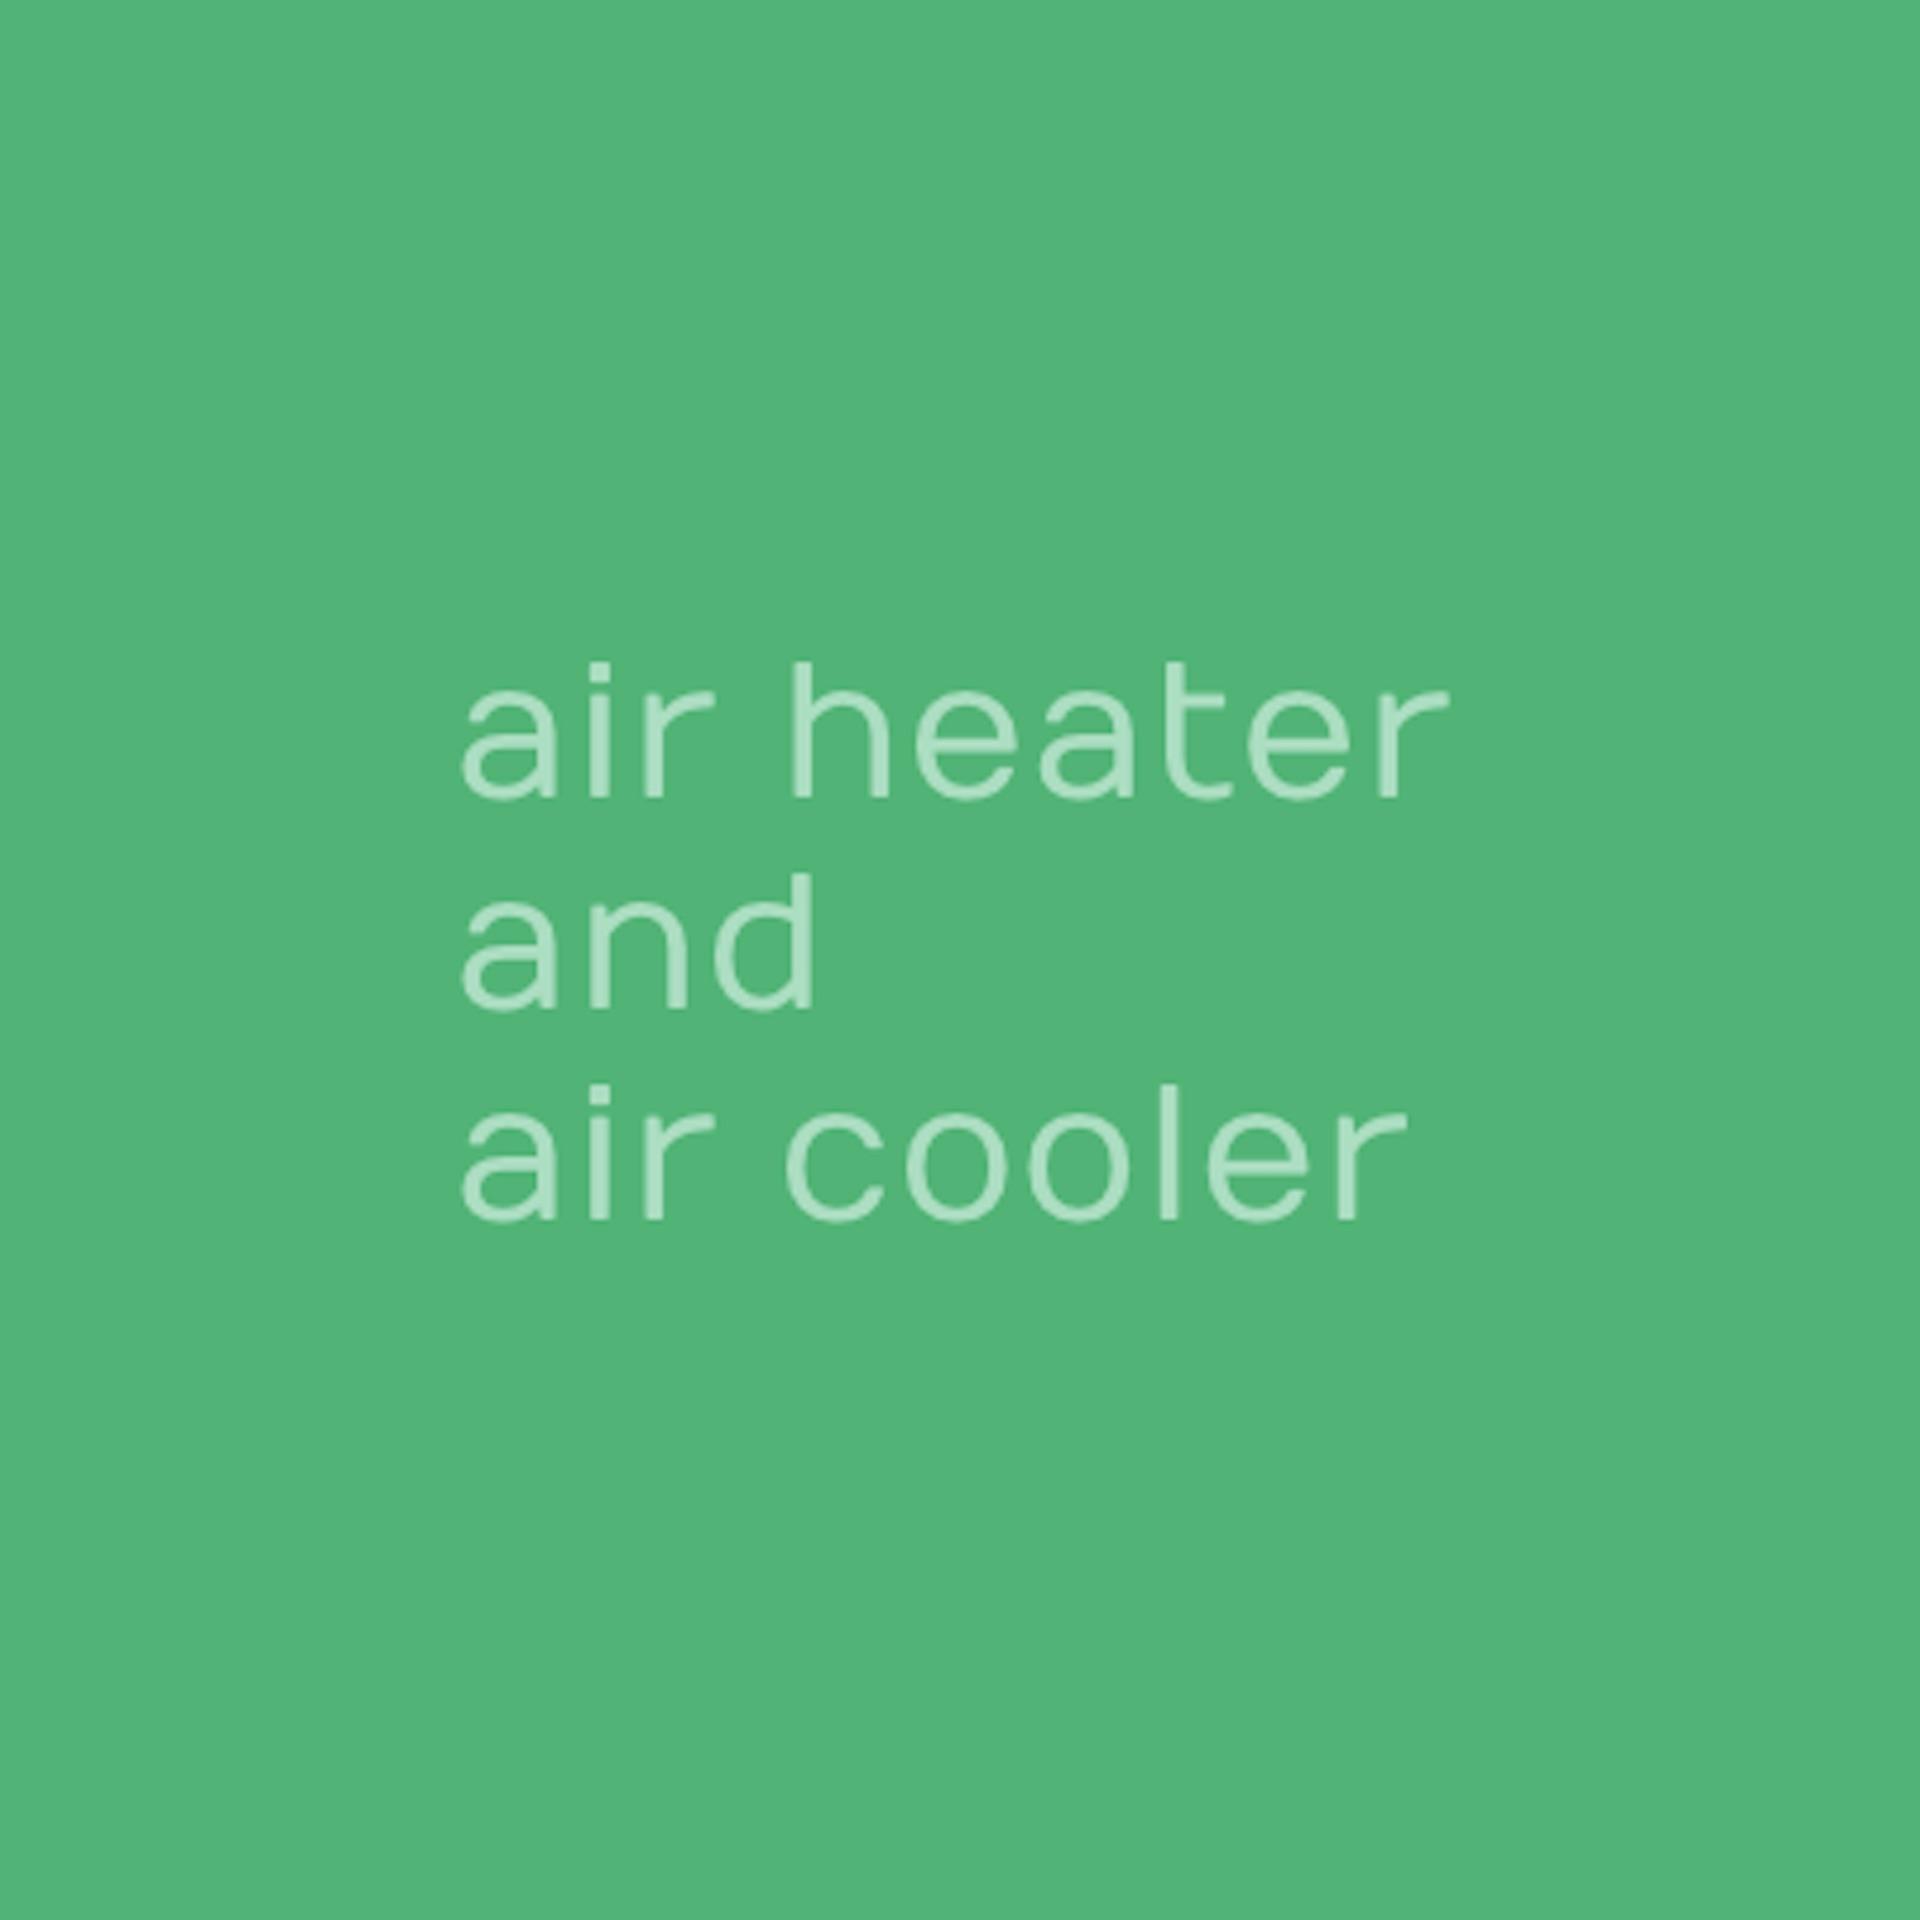 GWA_air_cooler_and_air_preheater_Gesellschaft_fuer_Waerme_und_Anlagentechnik_mbH_monochrom